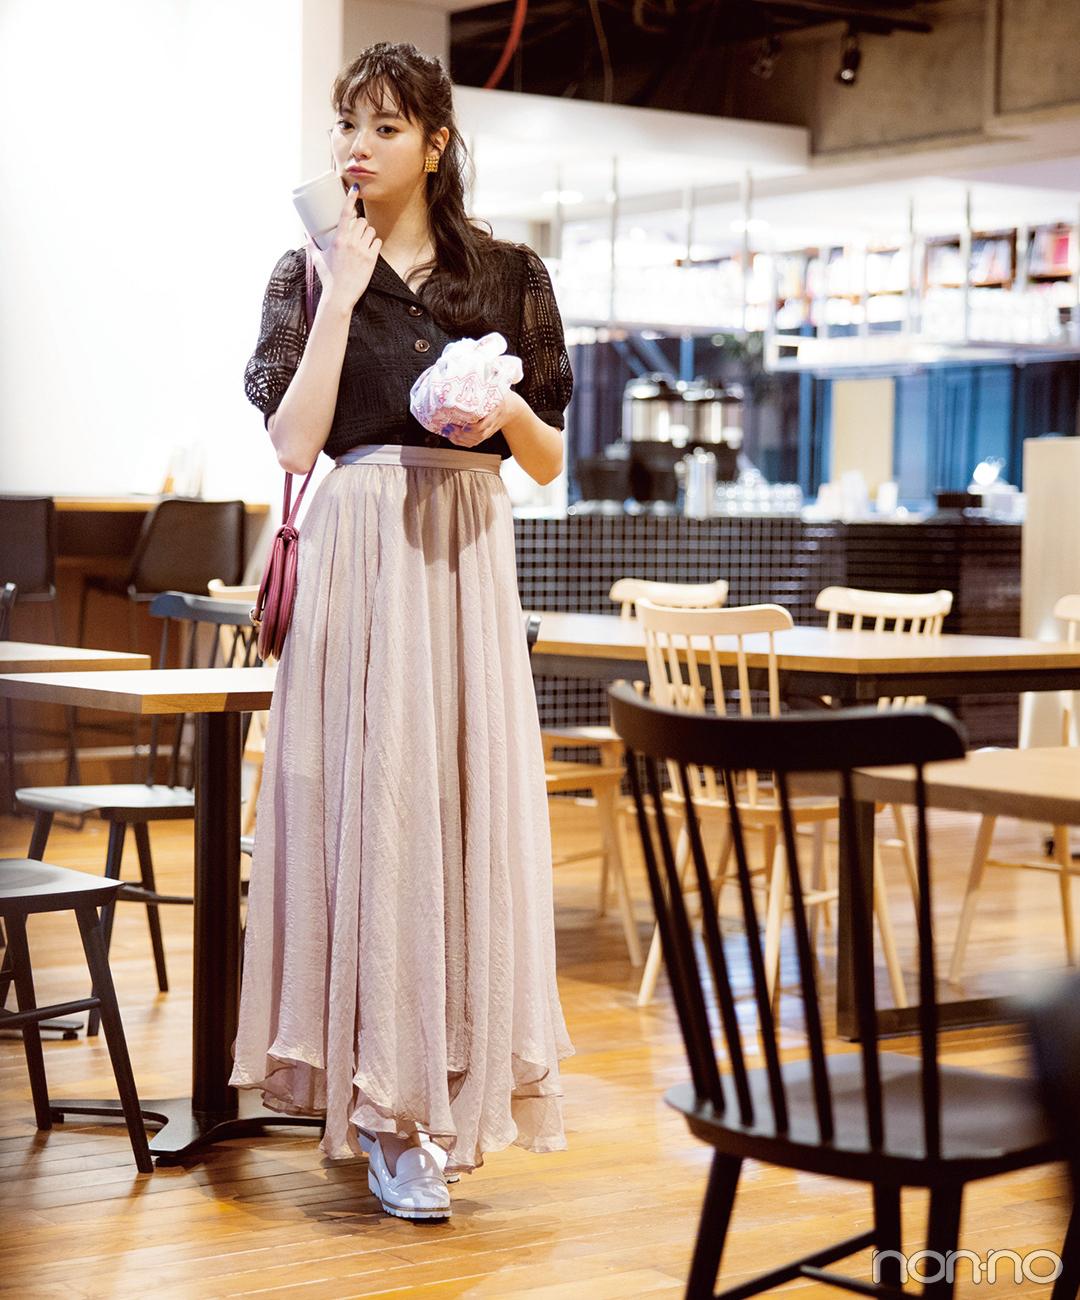 新川優愛はトレンドの透けアイテムをくすみピンクで大人っぽく【毎日コーデ】